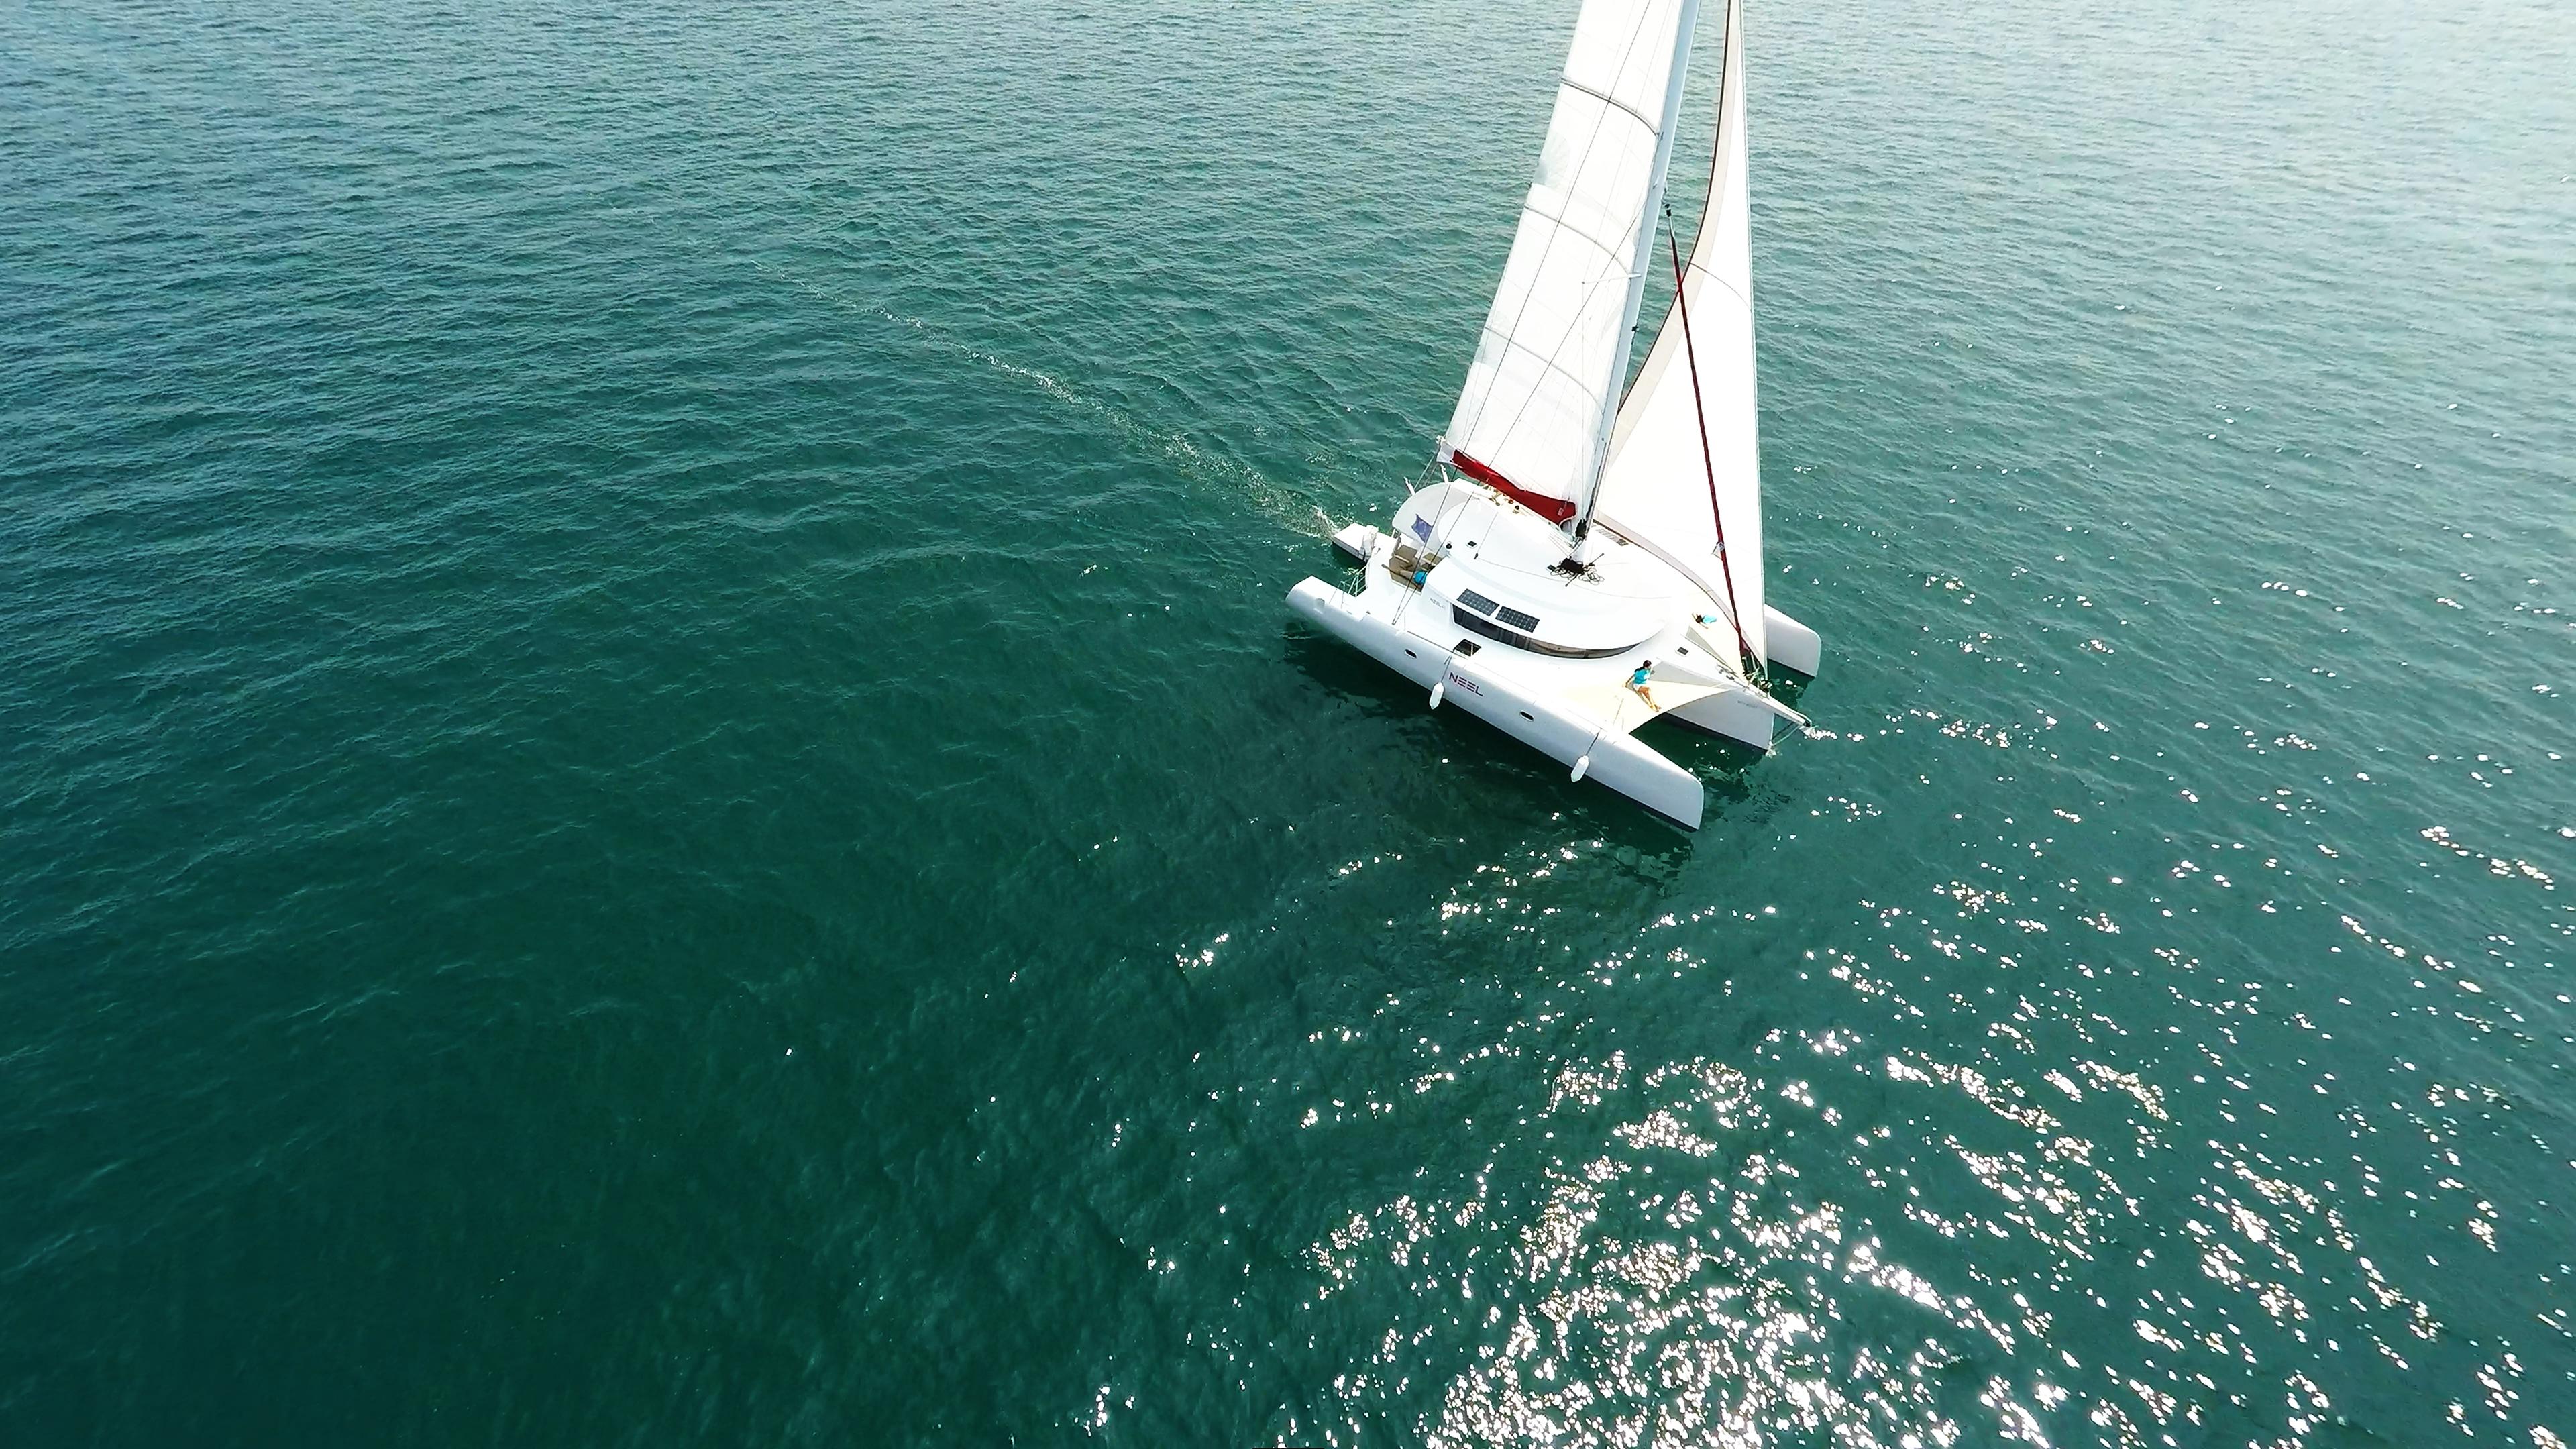 trimarano vela yachting